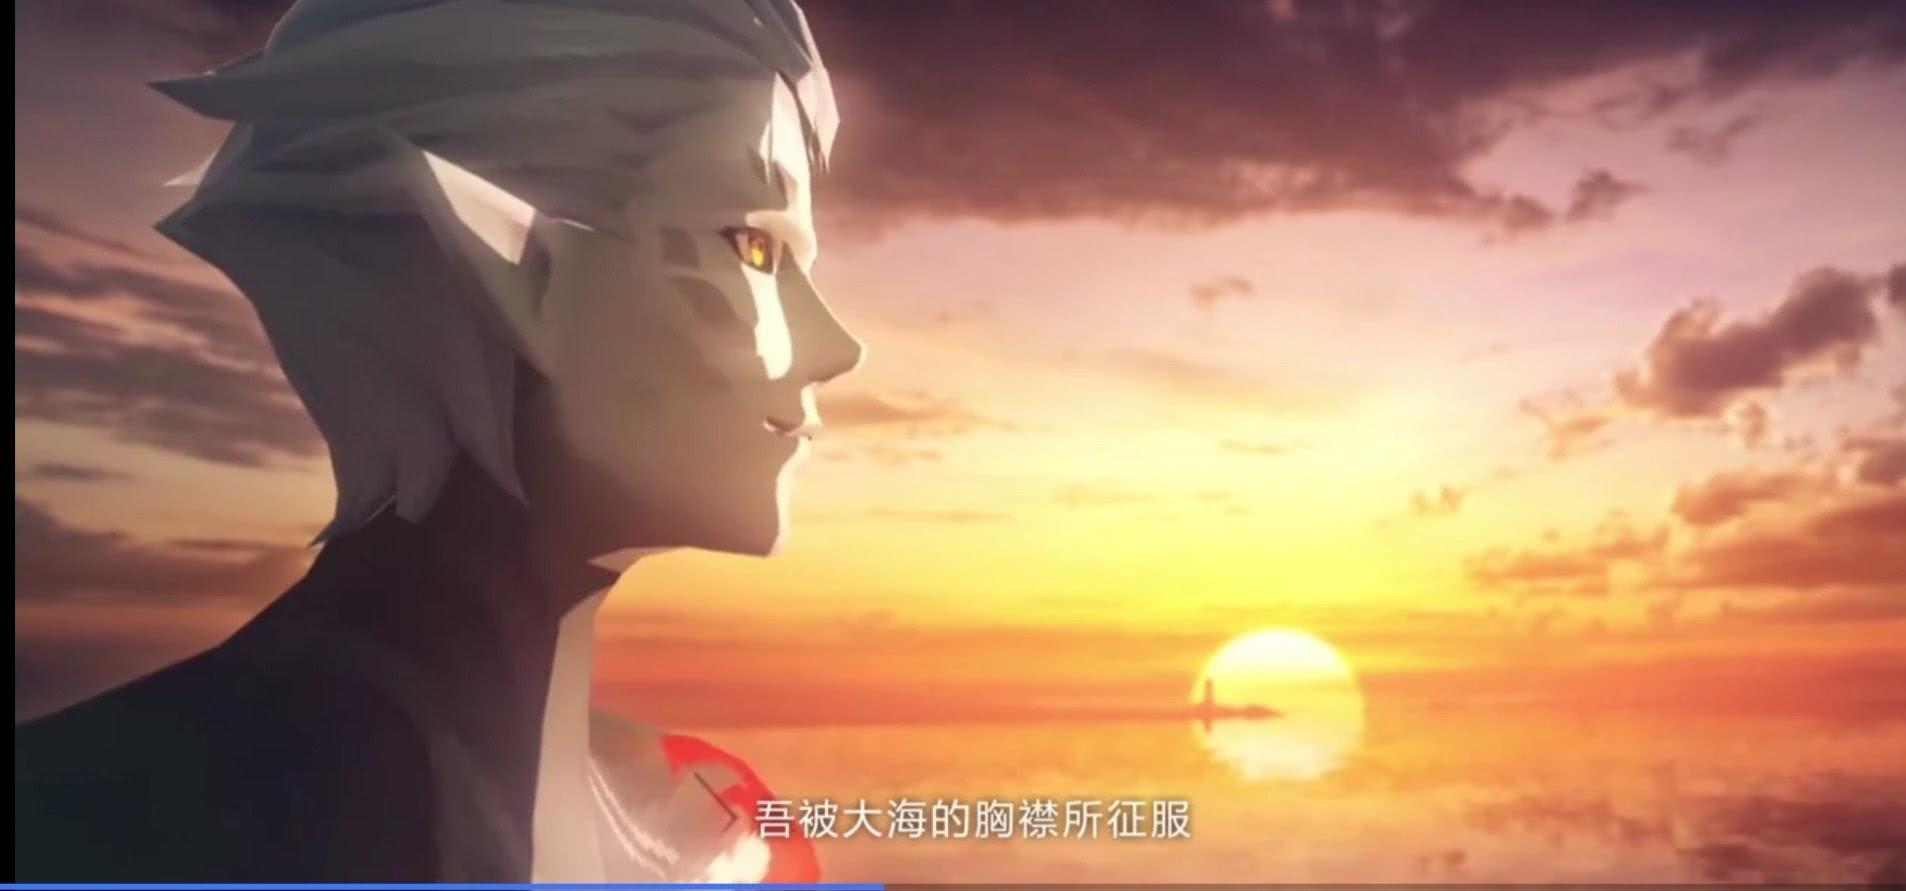 阴阳师:sp咸鱼王荒川之主实装 那个男人脚踏海怪乘风破浪而来